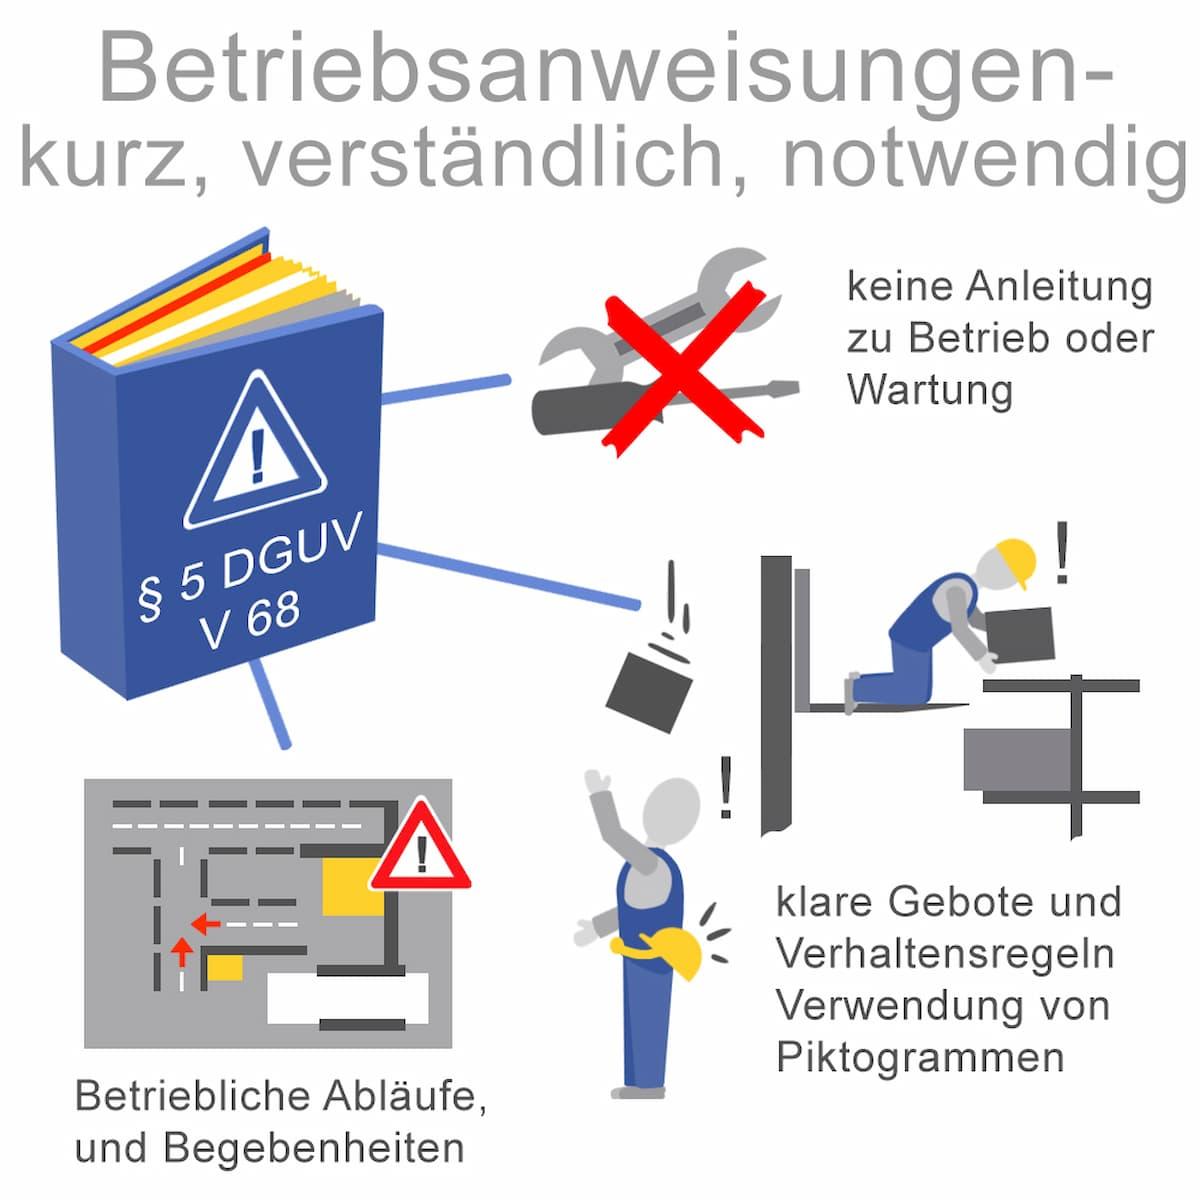 Für den Einsatz von Flurförderzeugen müssen Betriebsanweisungen verfasst werden